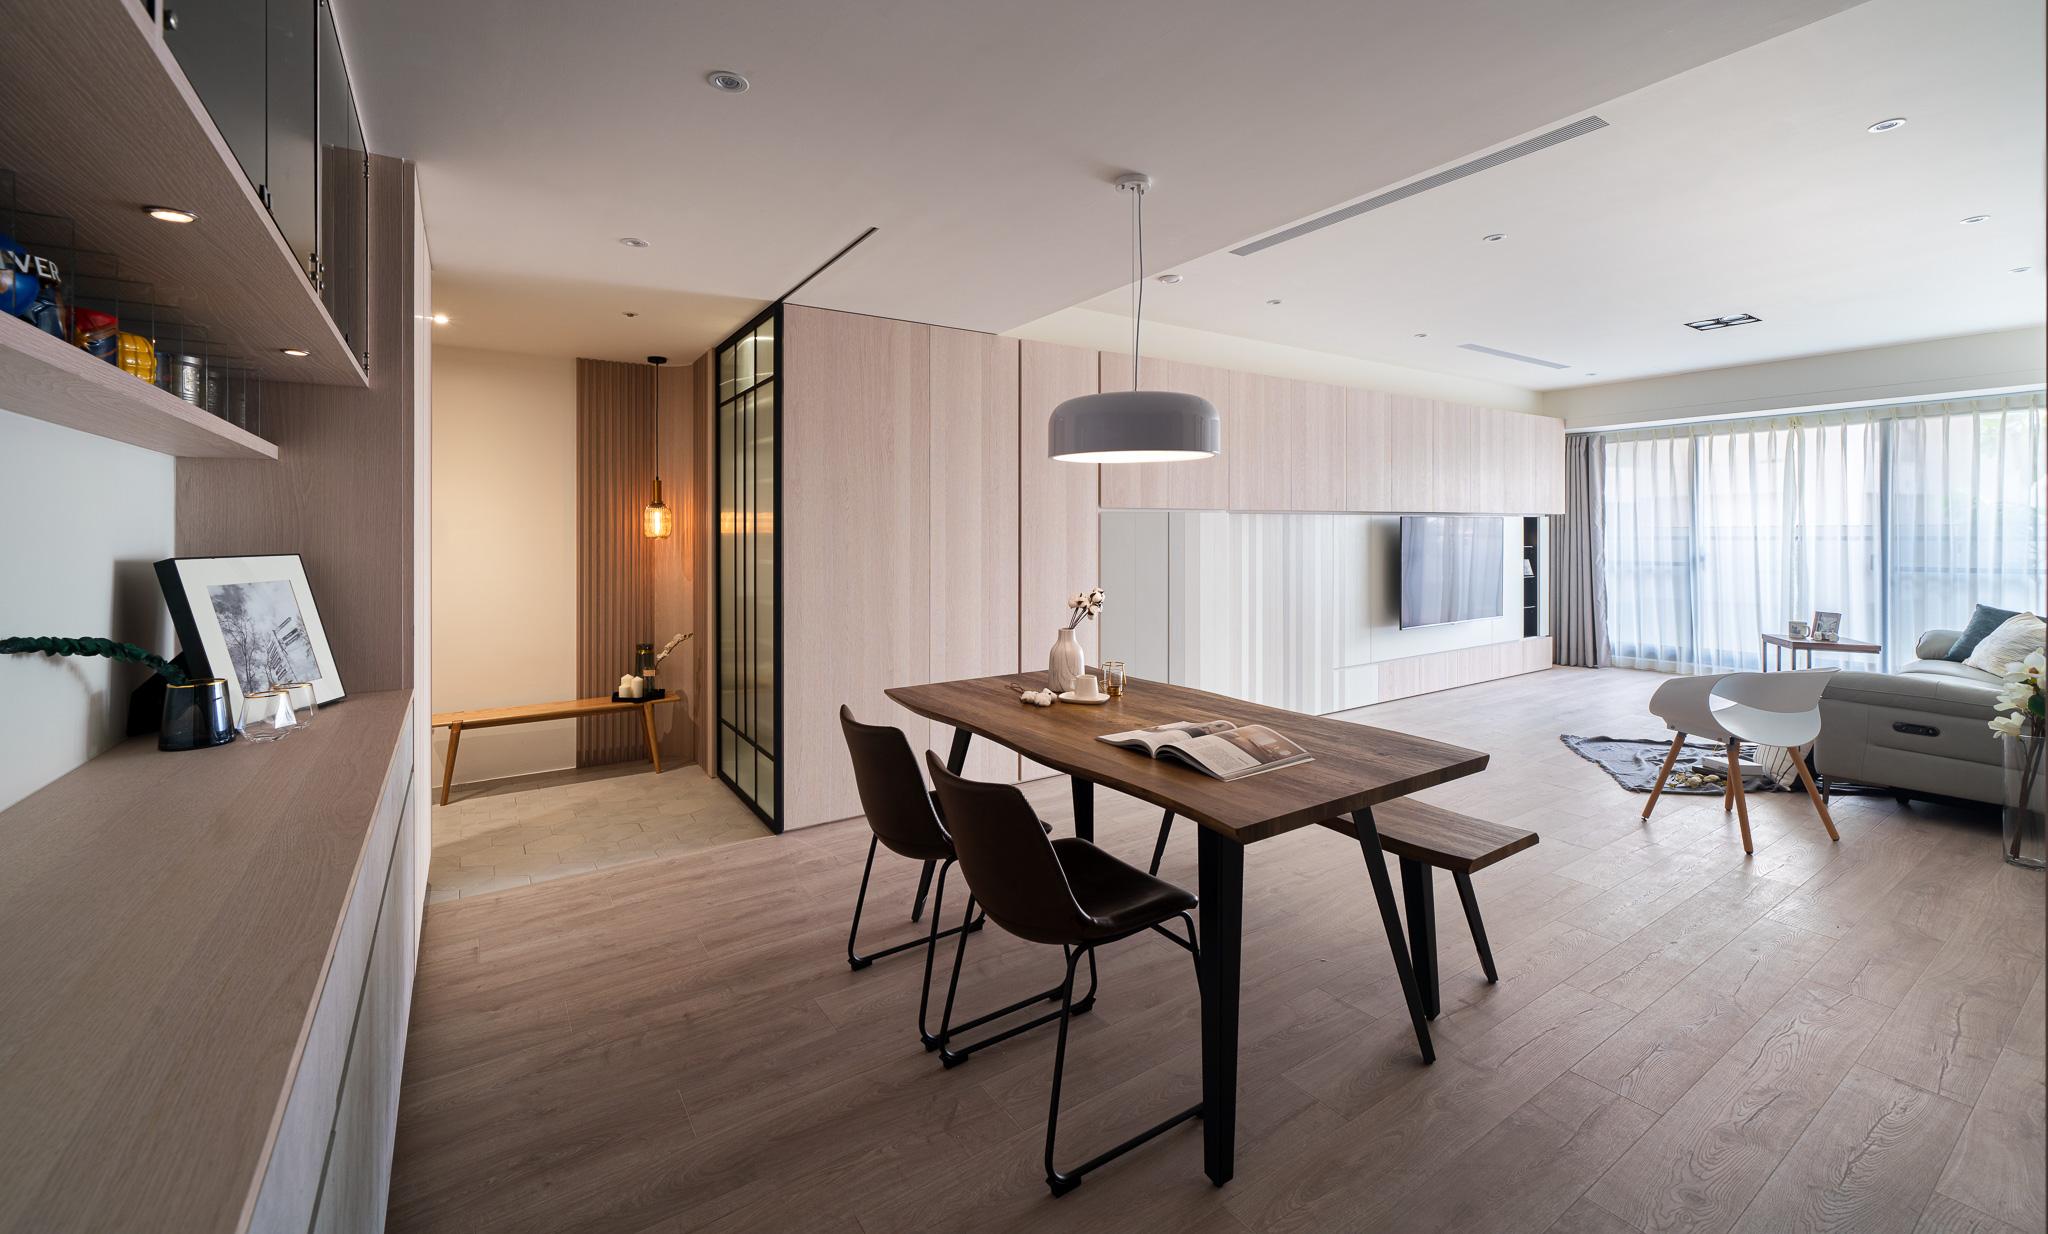 Kiến trúc sư tư vấn thiết kế căn hộ 50m² cho người trẻ độc thân với chi phí 134 triệu đồng - Ảnh 6.